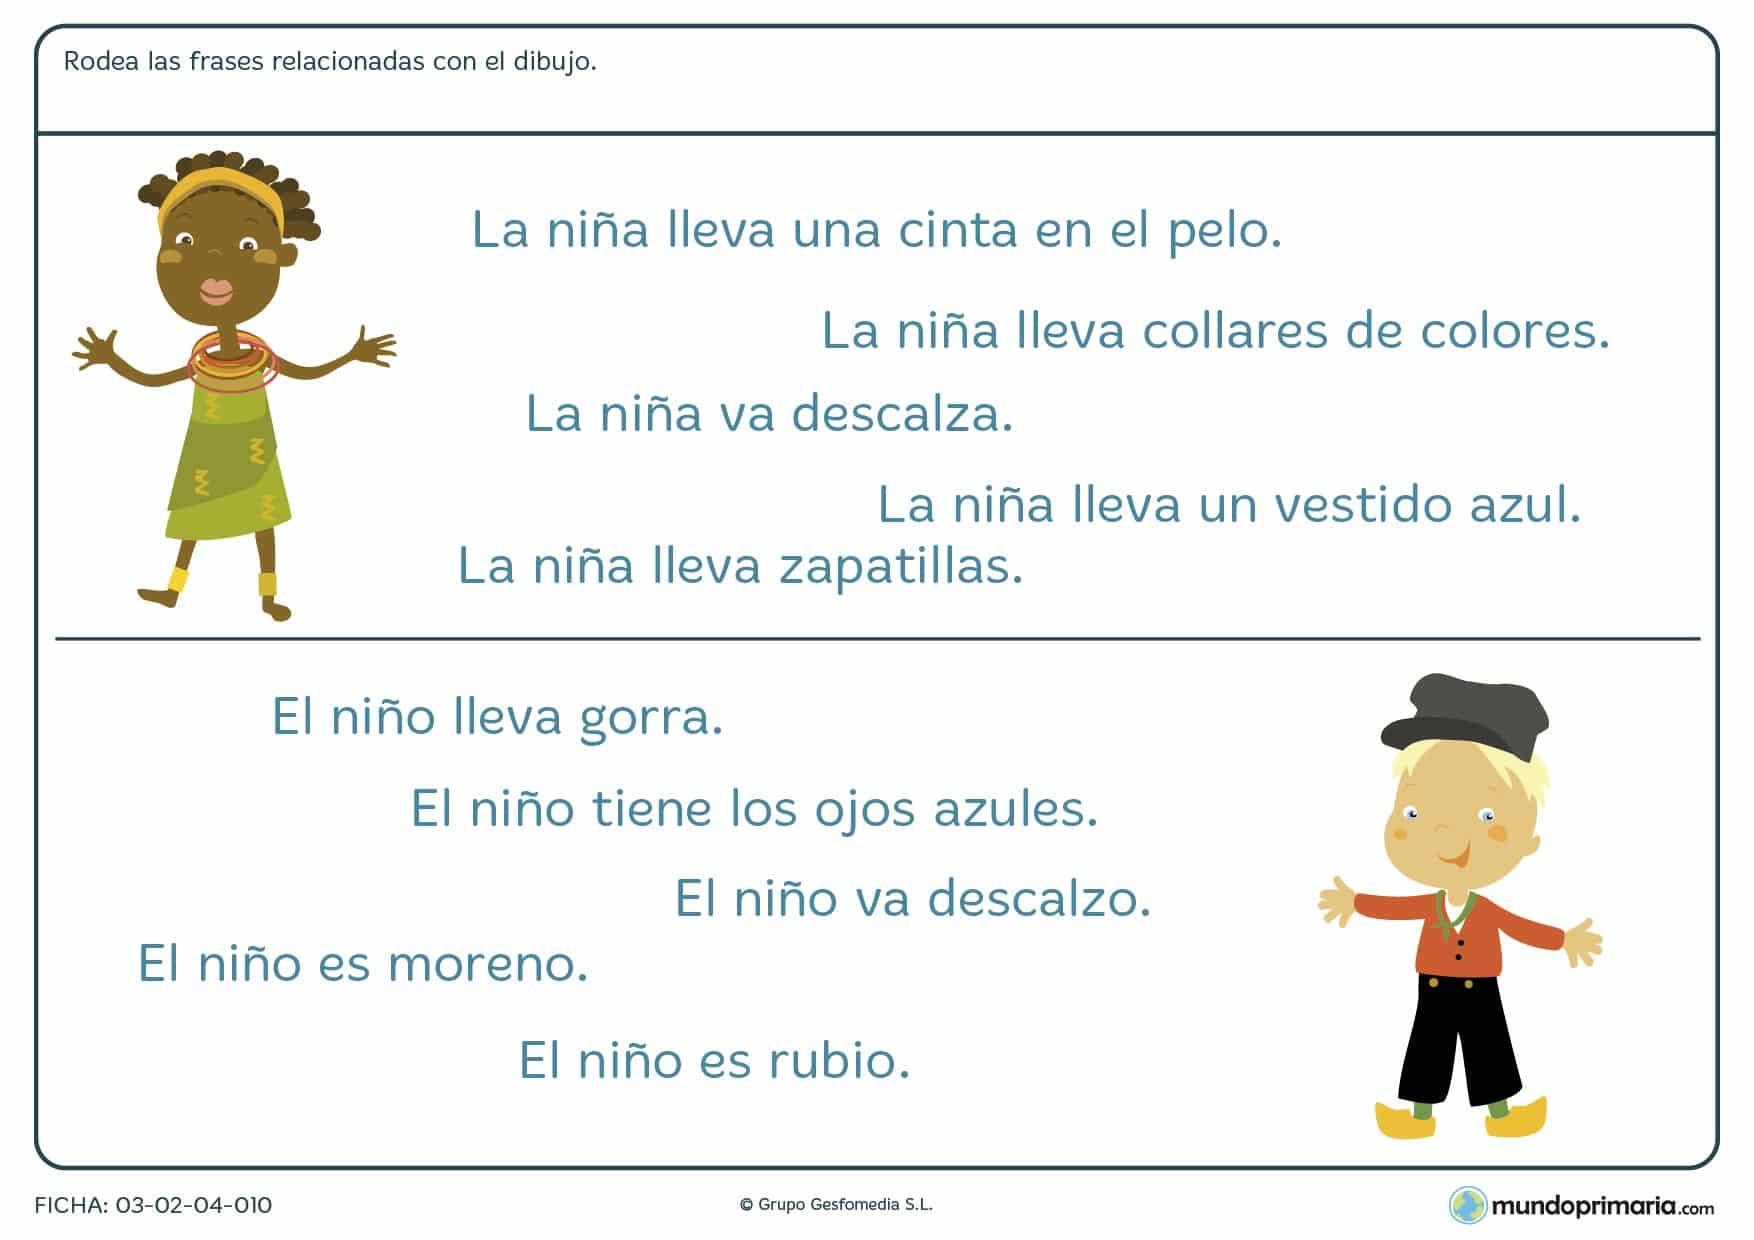 Ficha de frases que reflejan dibujos para niños de 7 a 8 años en la que debes identificar qué frase explica mejor el dibujo dado.